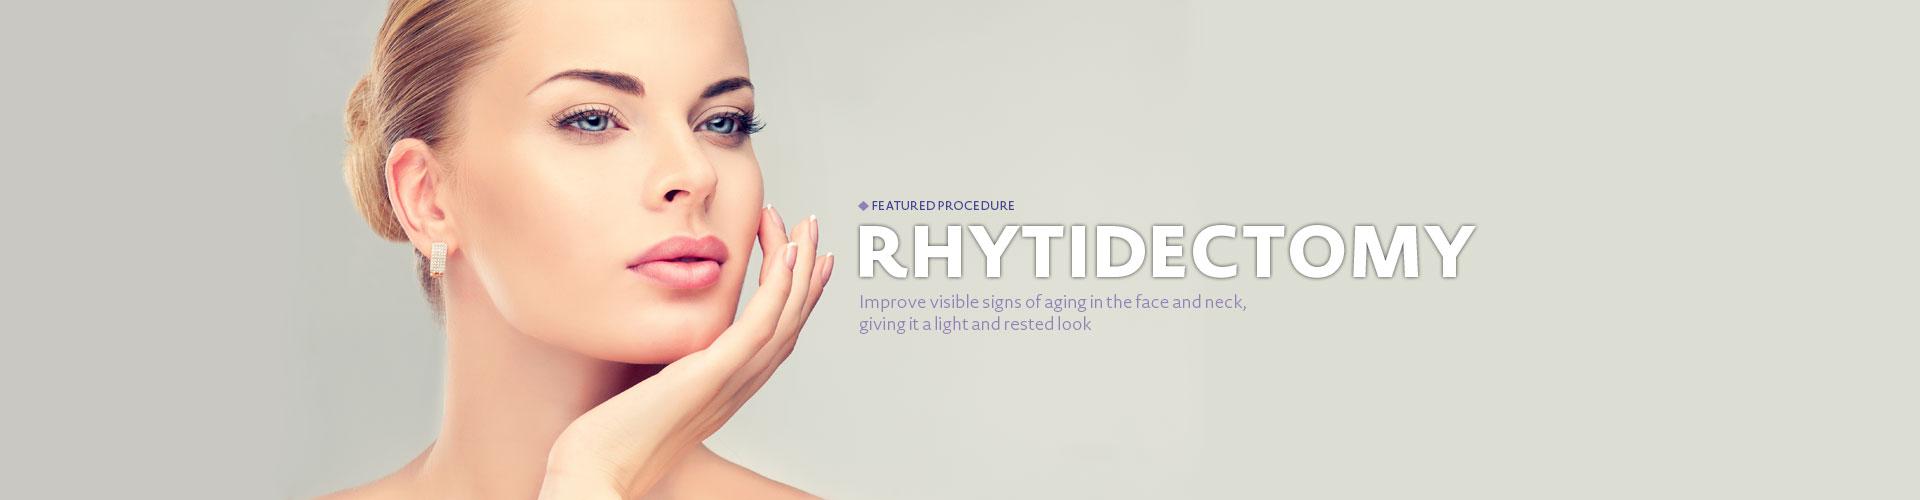 Rhytidectomy - Featured procedure